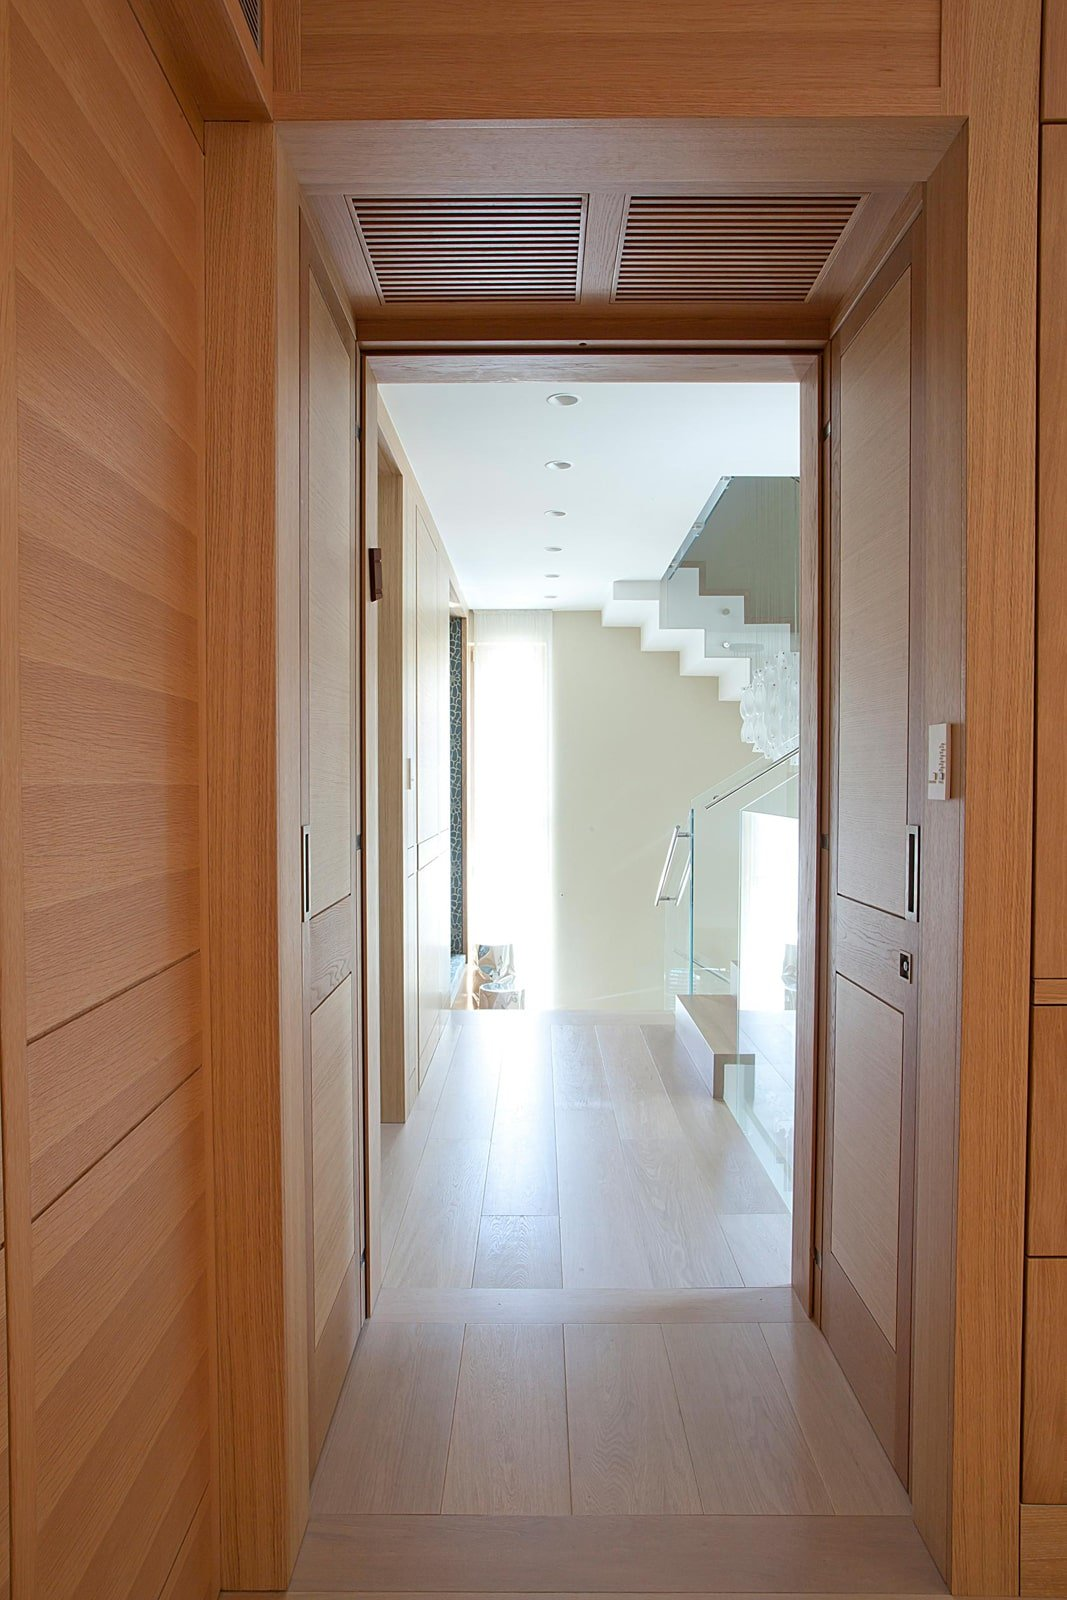 דלת כניסה ציר פנימי אלון אירופאי דלתות מסגרת